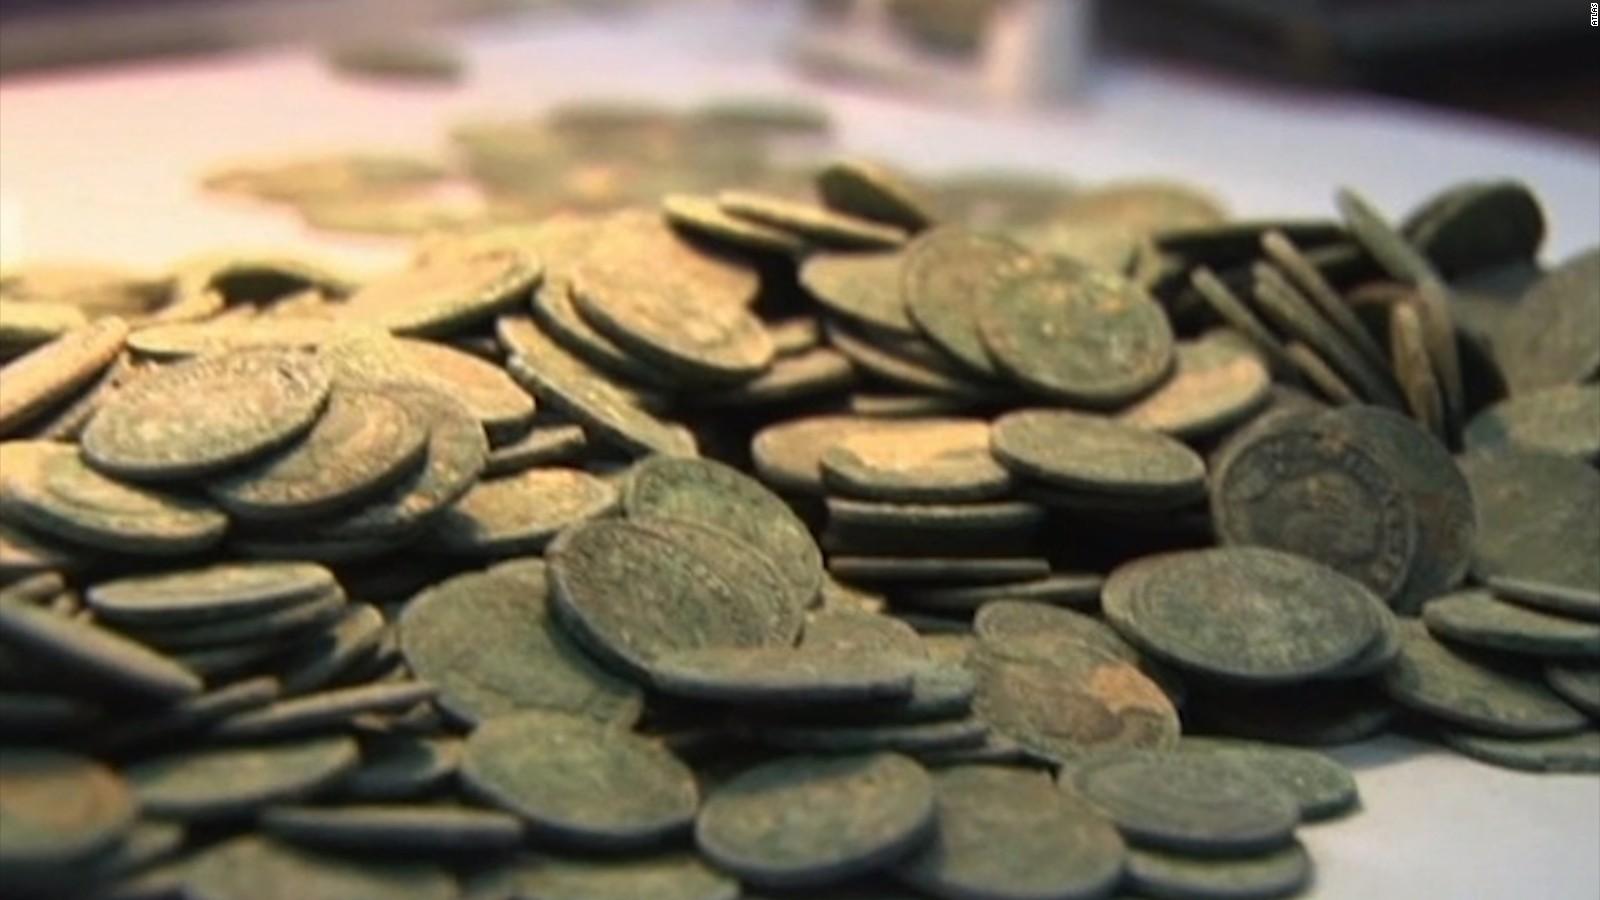 lbs  of ancient Roman coins found in Spain   CNN com CNN com